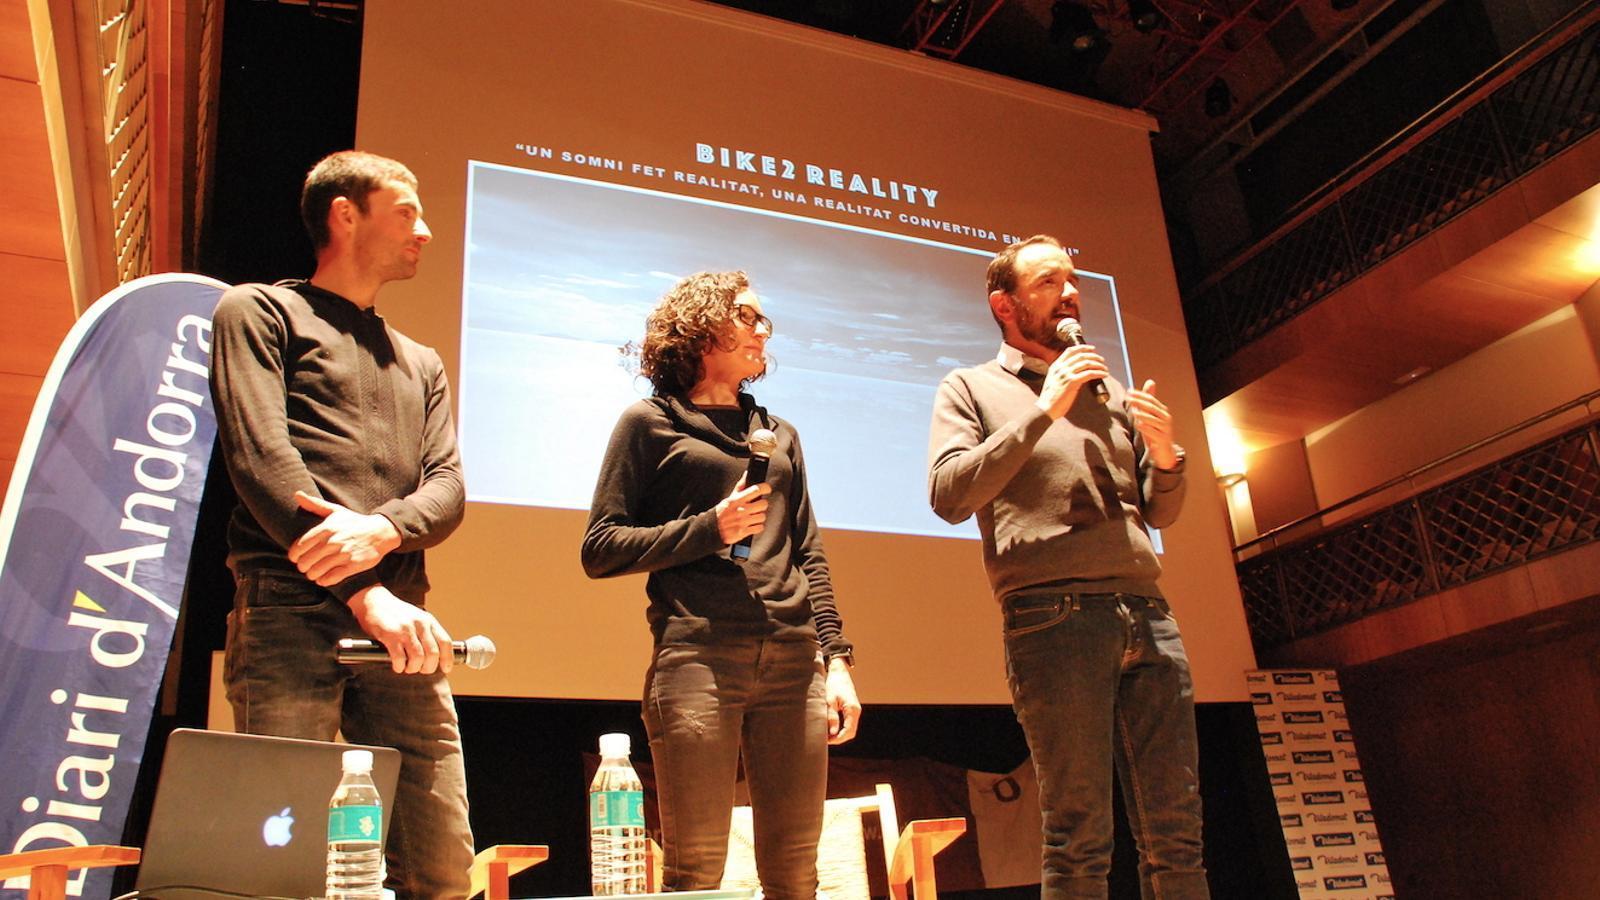 Alba Xandri i Ricard Calmet, protagonistes de la sessió d'aquest dijous del Cicle de cinema de muntanya i de viatges, amb el conseller de Turisme del comú d'Ordino, Jordi Serracanta, que ha presentat l'acte. / C. G. (ANA)